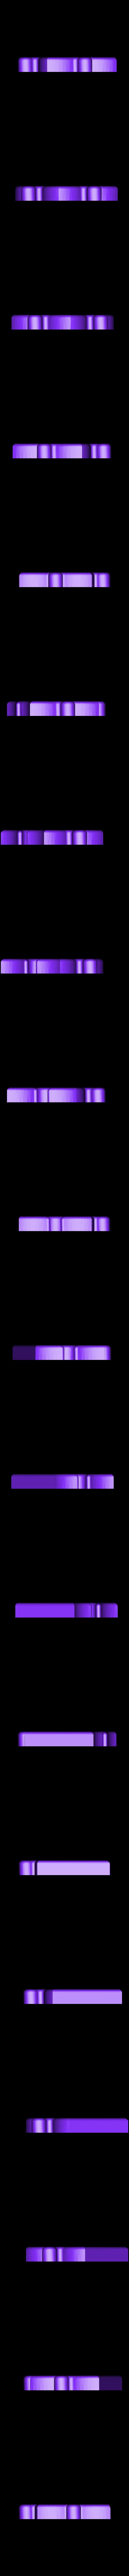 Cell_Puzzle_Right.STL Télécharger fichier STL gratuit Échecs démoctratiques • Modèle à imprimer en 3D, Ghashnarb